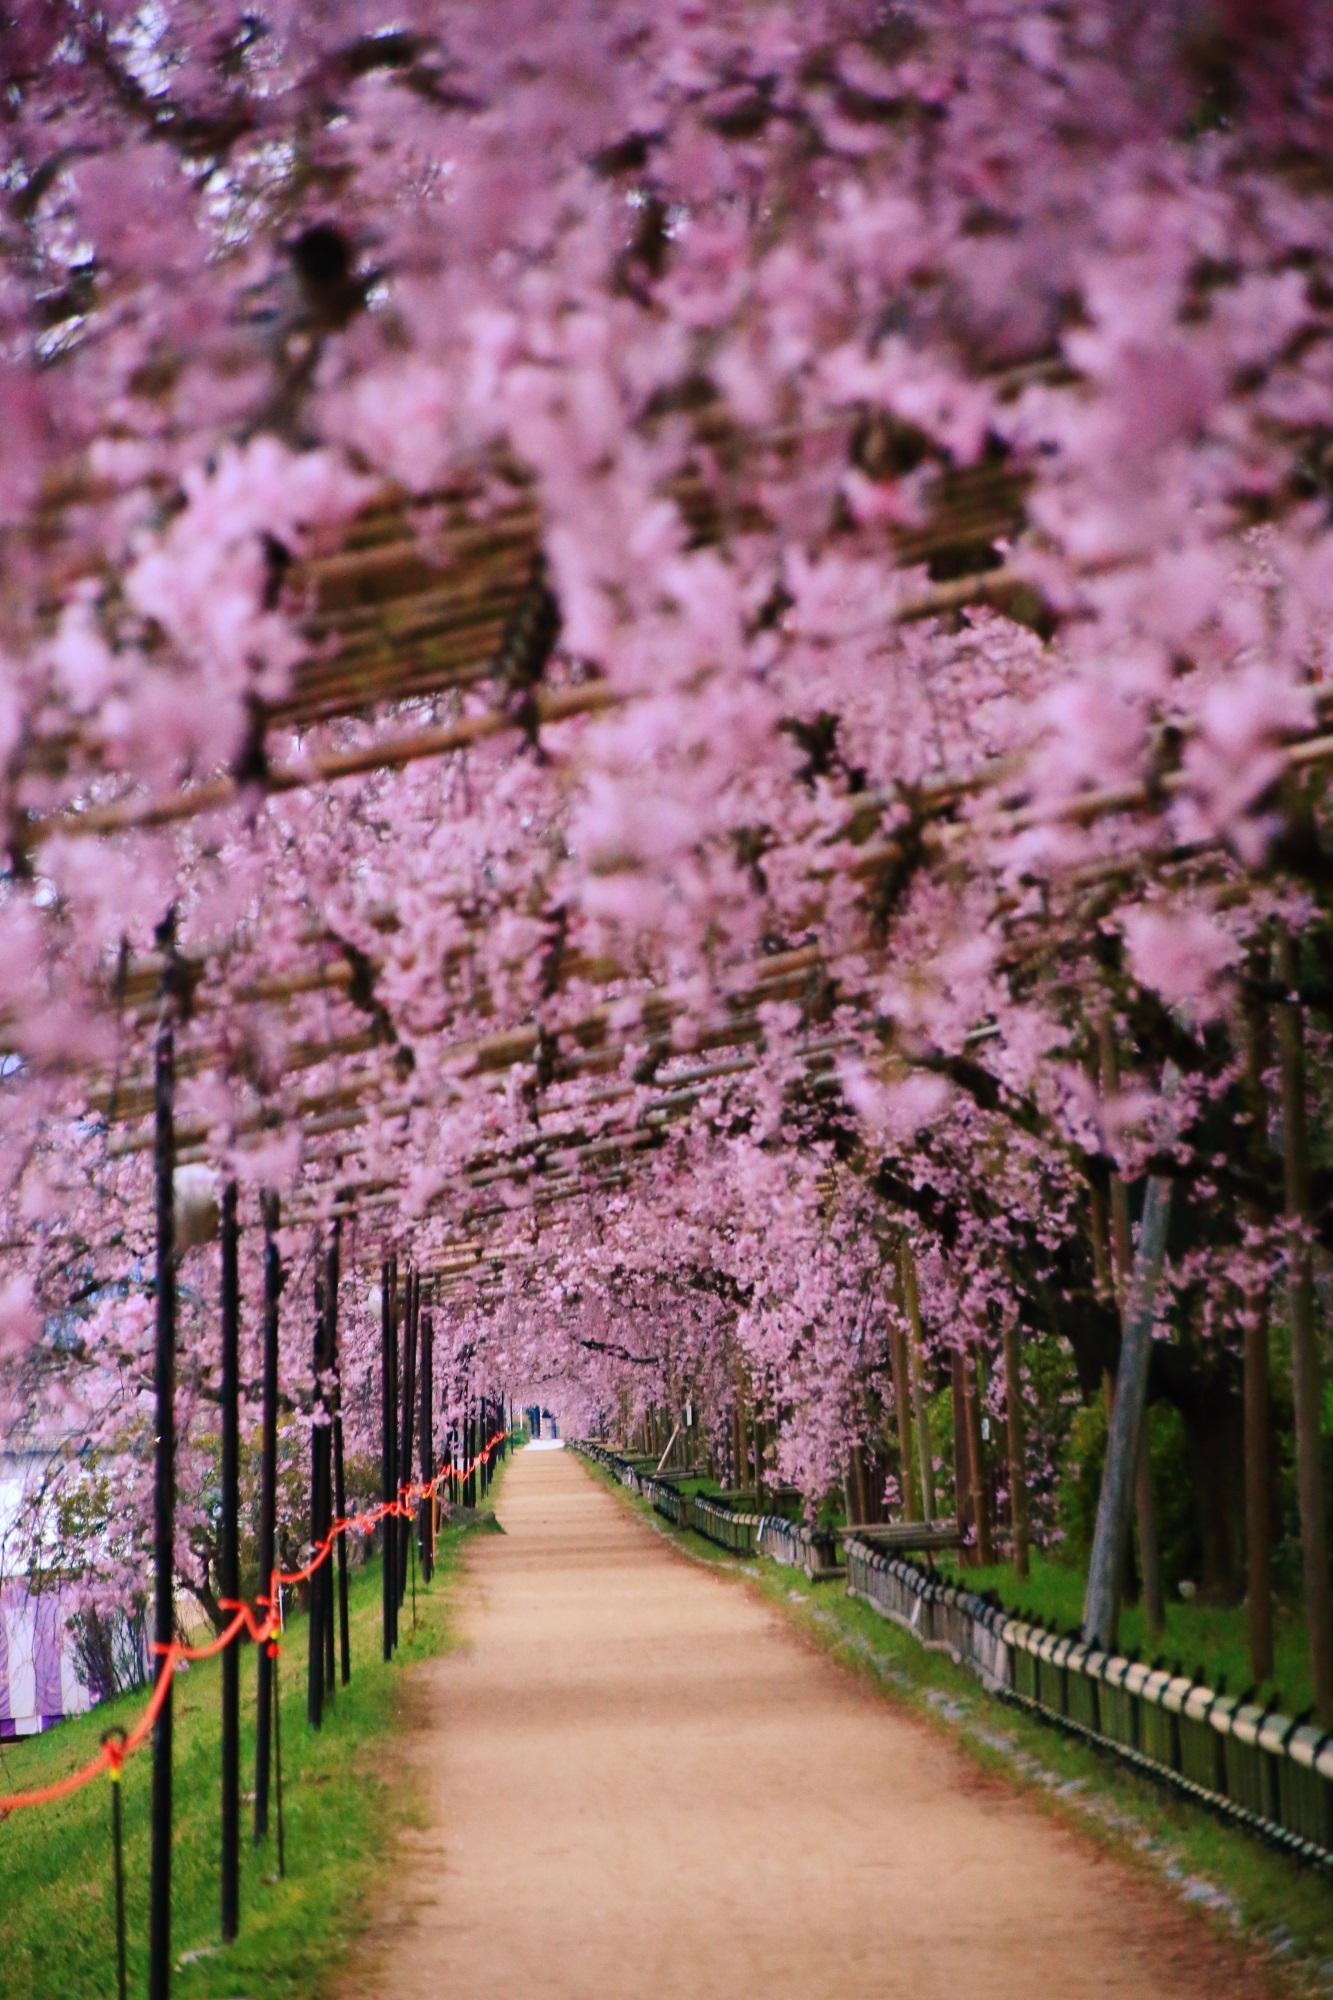 素晴らしい半木の道のしだれ桜のトンネルと春の情景